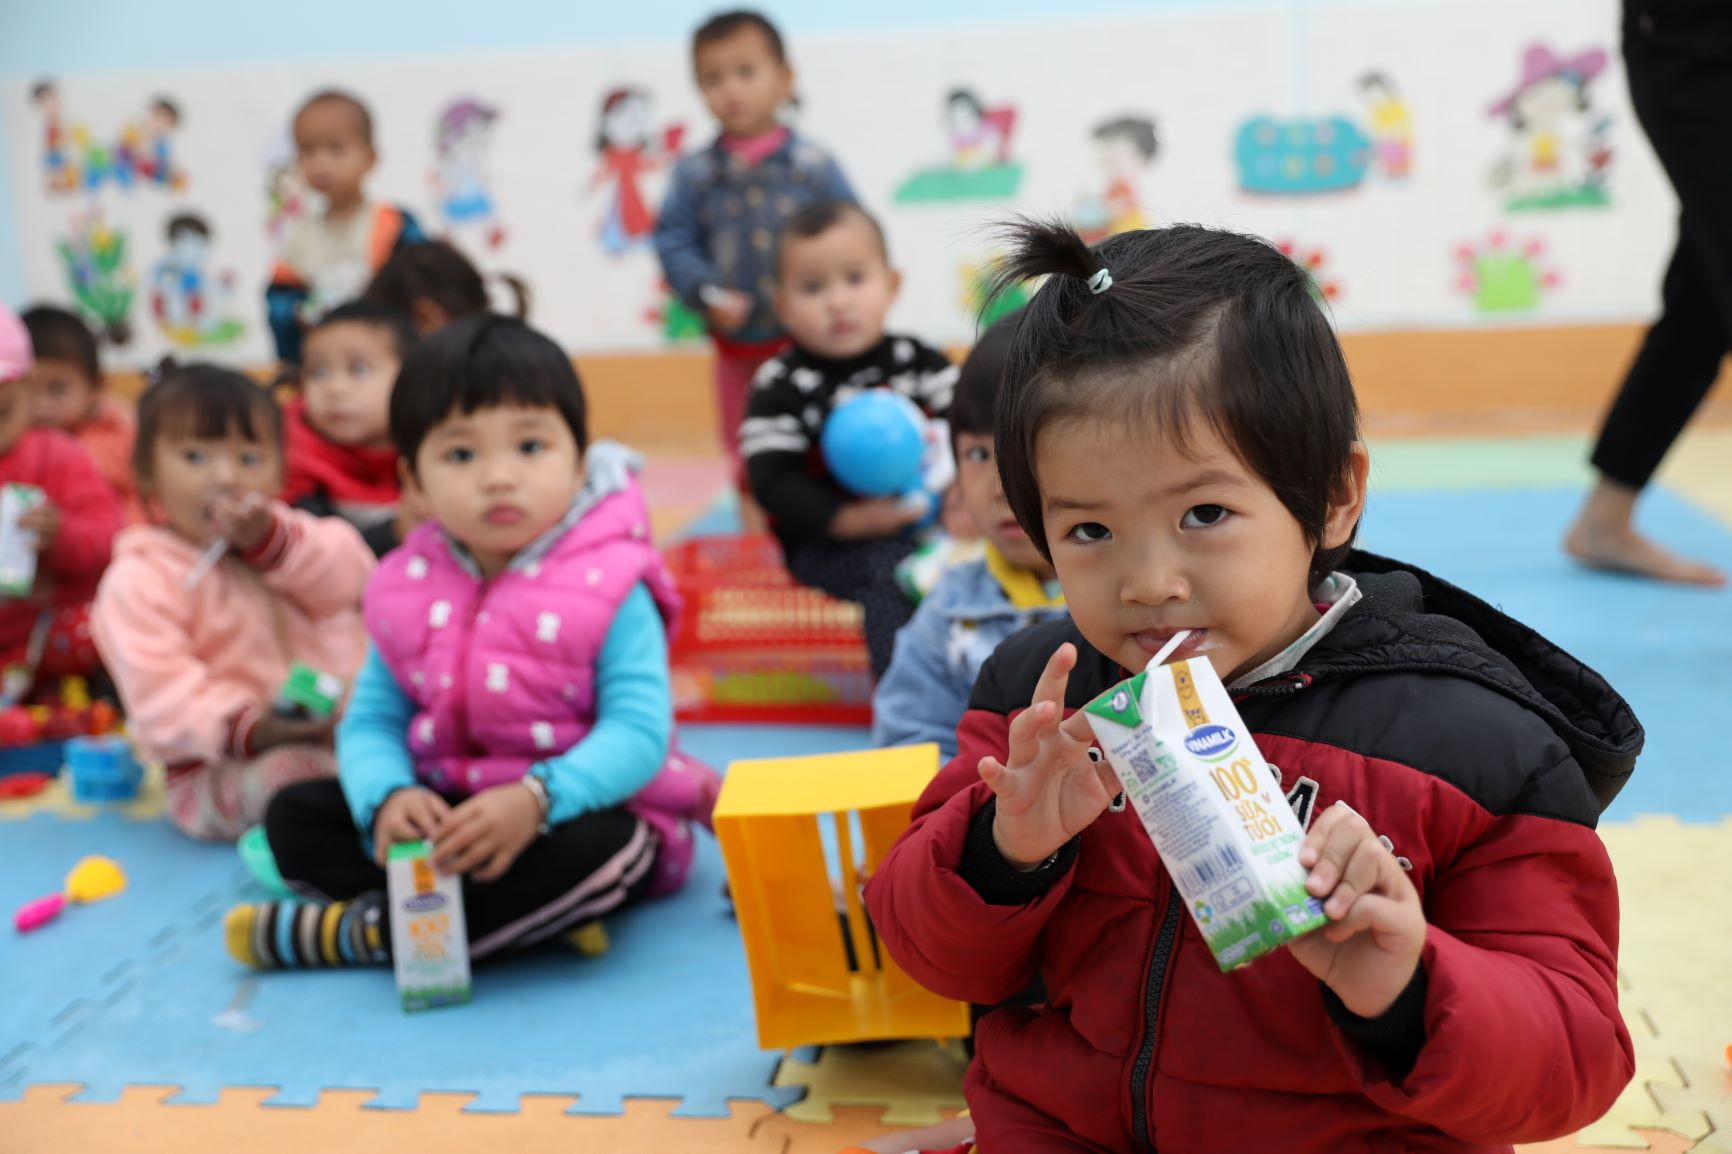 Đến trường với niềm vui uống sữa của trẻ vùng cao Hà Giang đã không còn là ước mơ 8